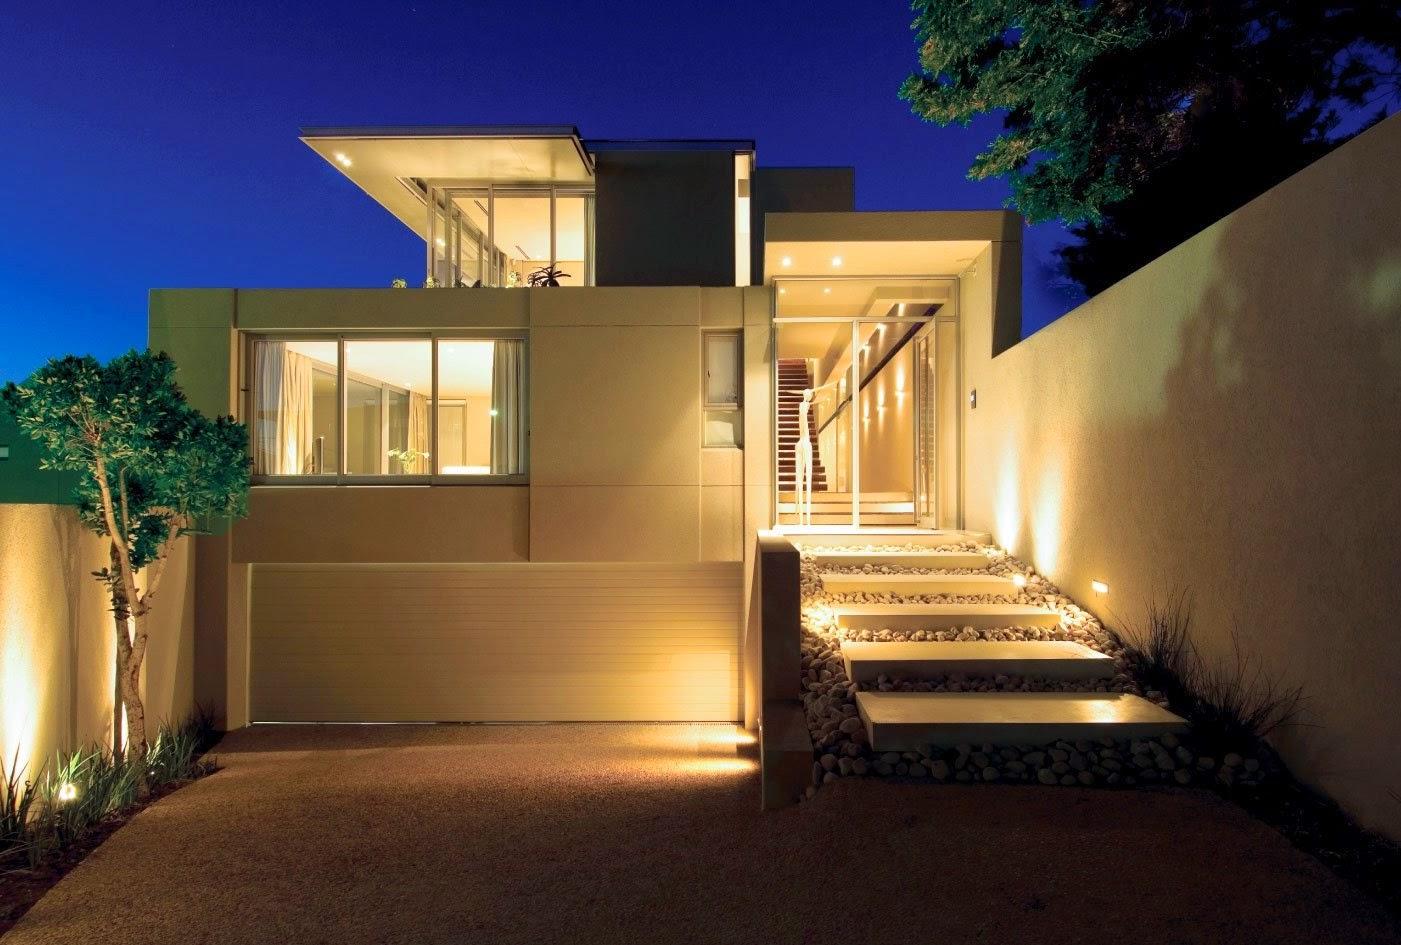 Desain Rumah Minimalis Modern Jepang Expo Desain Rumah